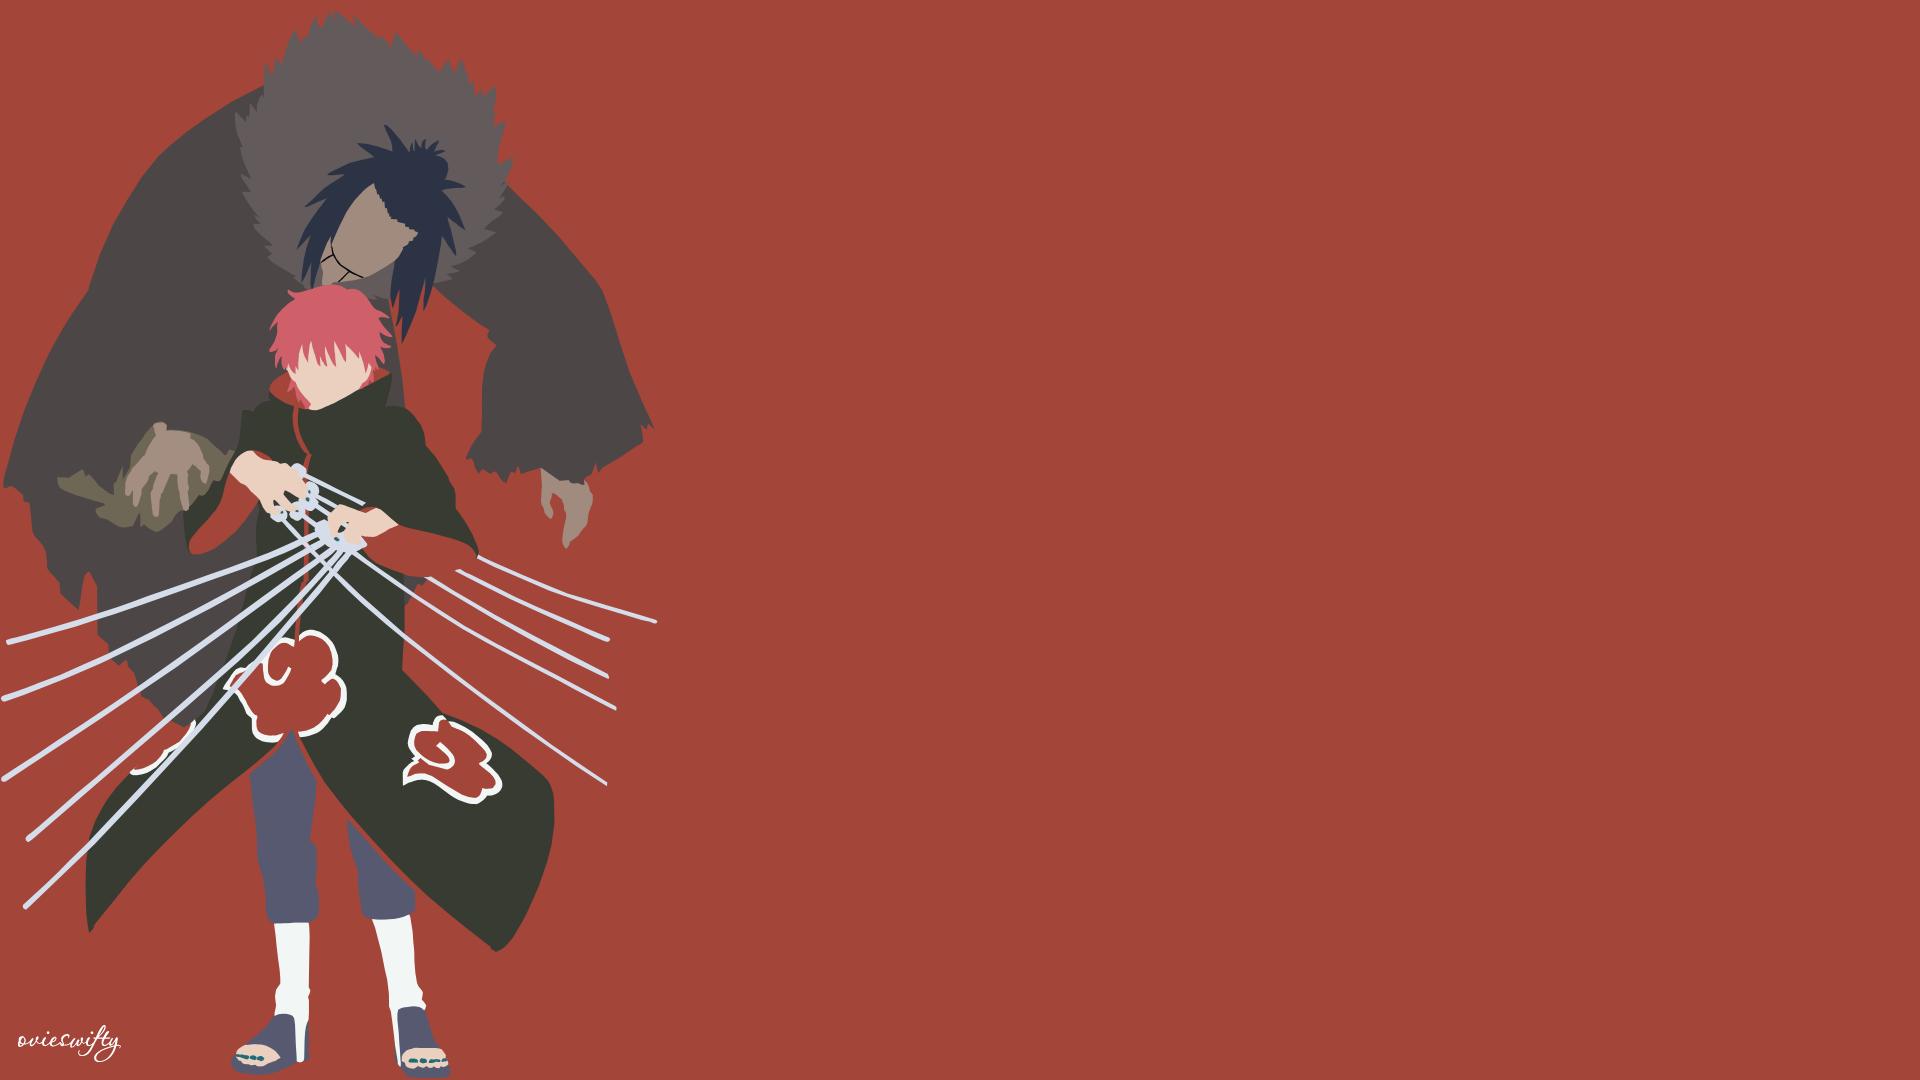 Sasori Akatsuki Ver By Ovieswifty Anime Expressions Akatsuki Naruto Shippuden Anime